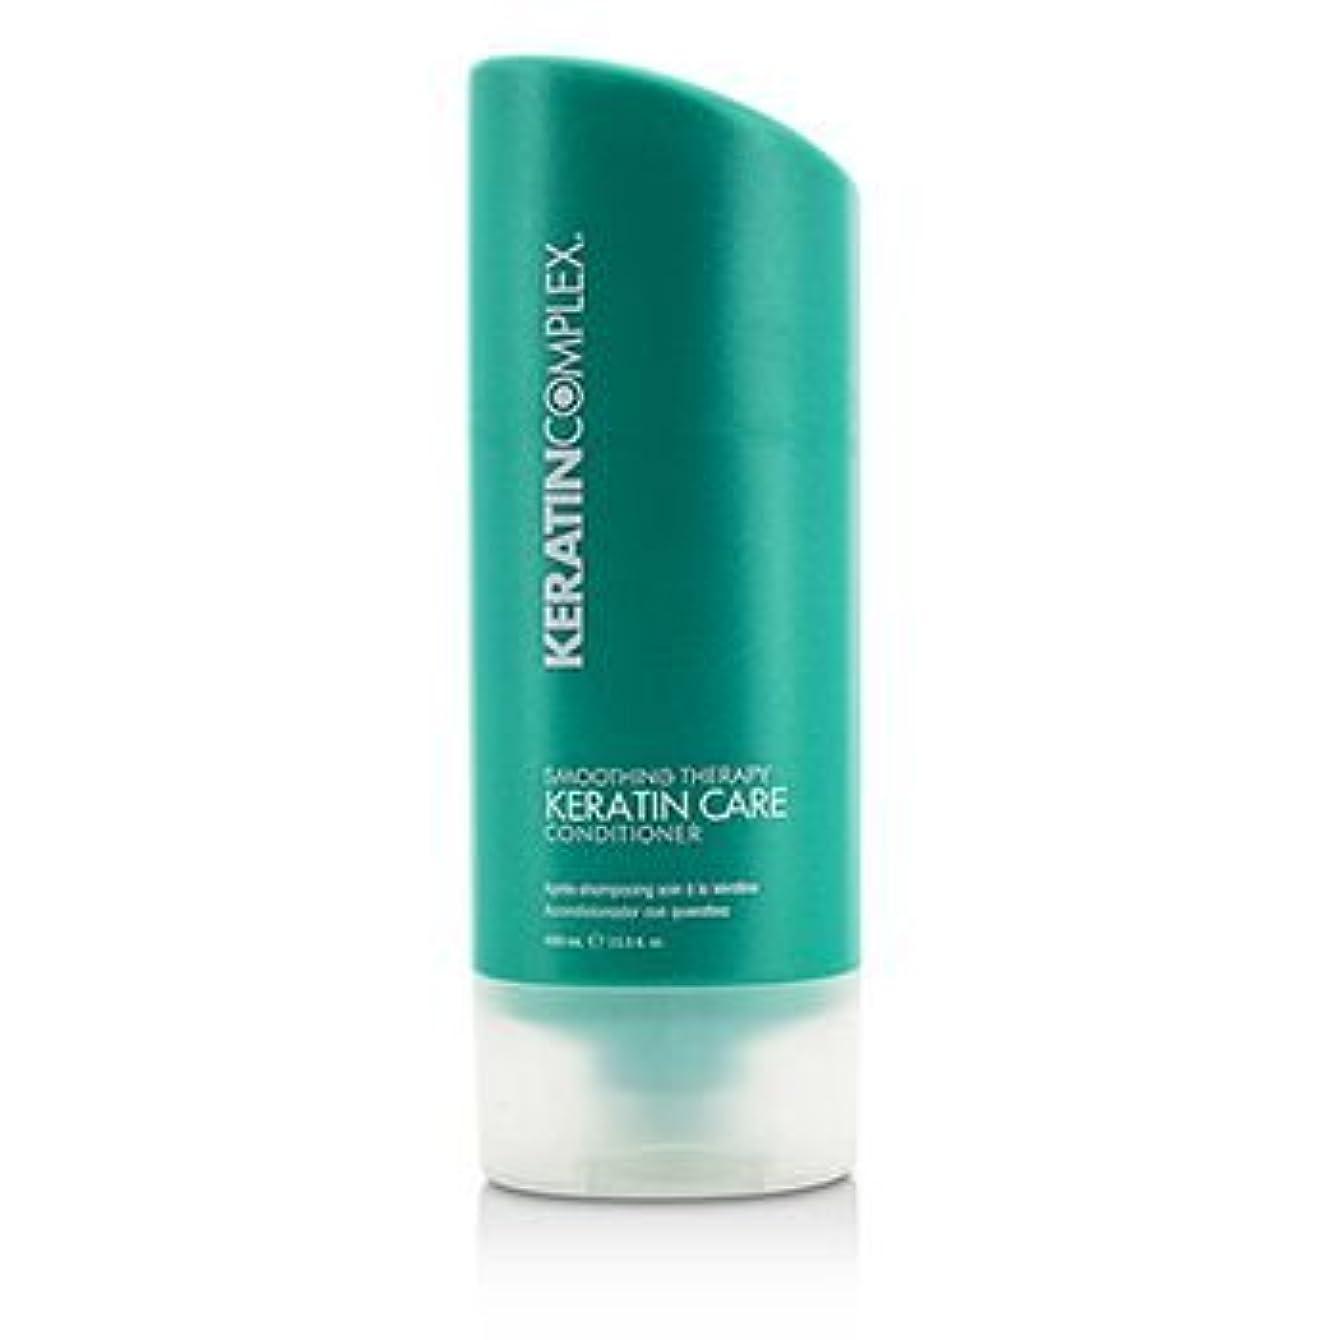 貴重なしてはいけません手綱[Keratin Complex] Smoothing Therapy Keratin Care Conditioner (For All Hair Types) 1000ml/33.8oz